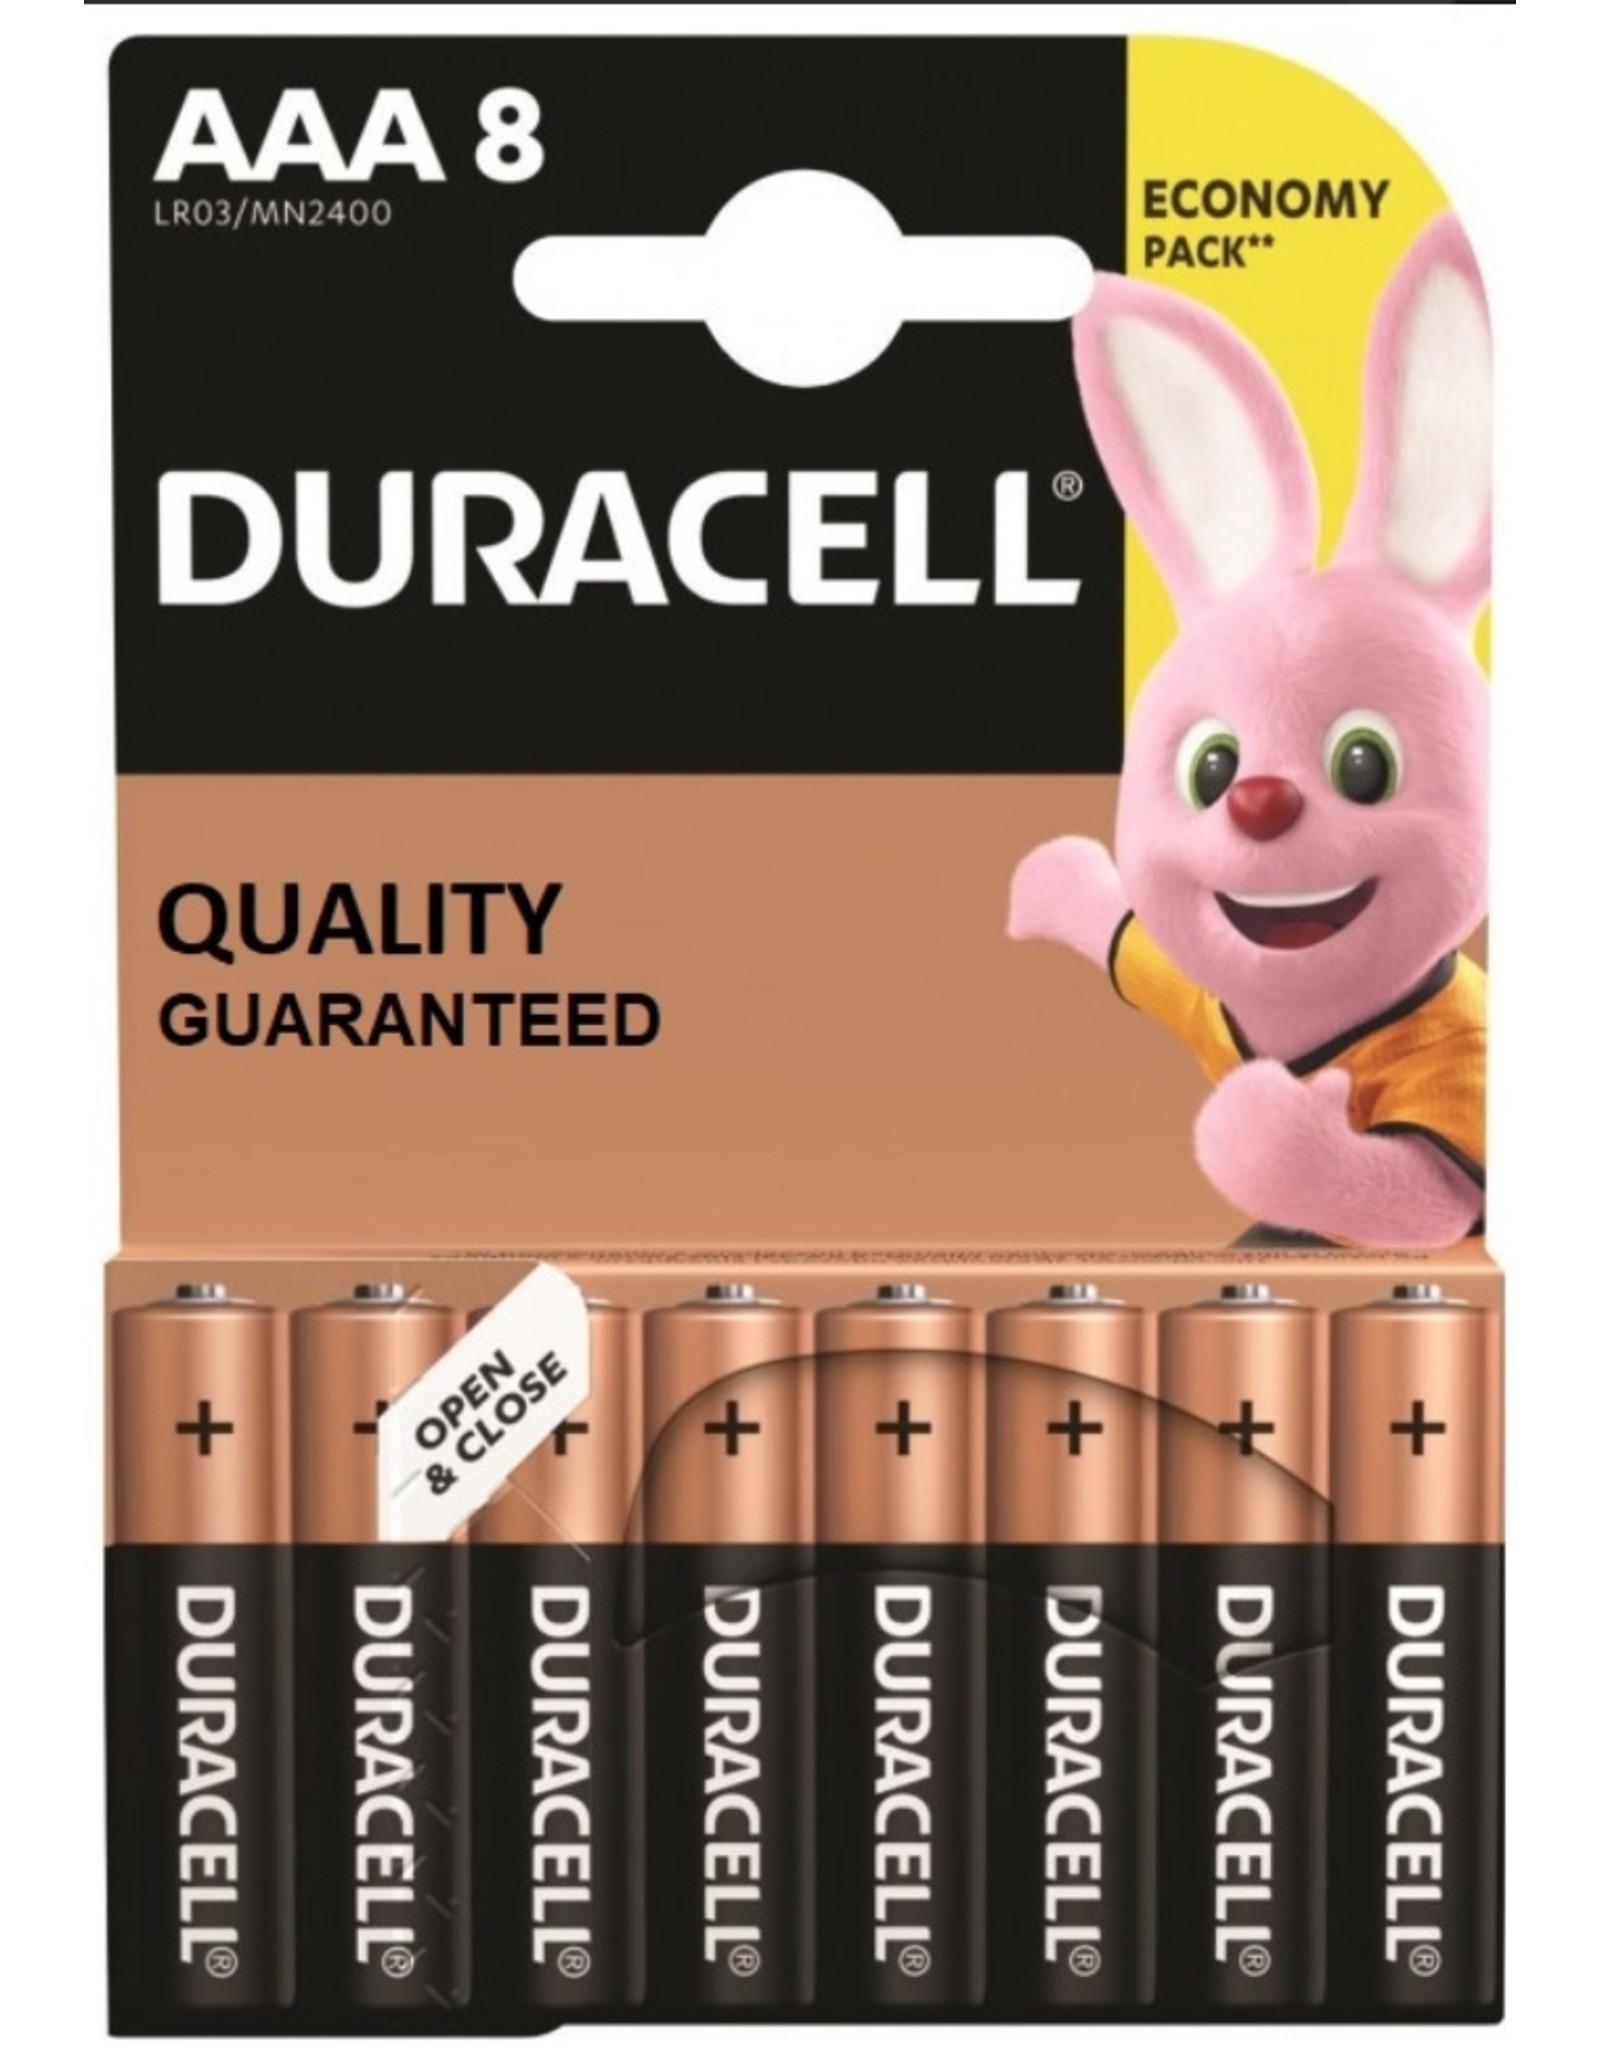 Duracell  Duracell basic duralock potloodcel AAA 8 pak